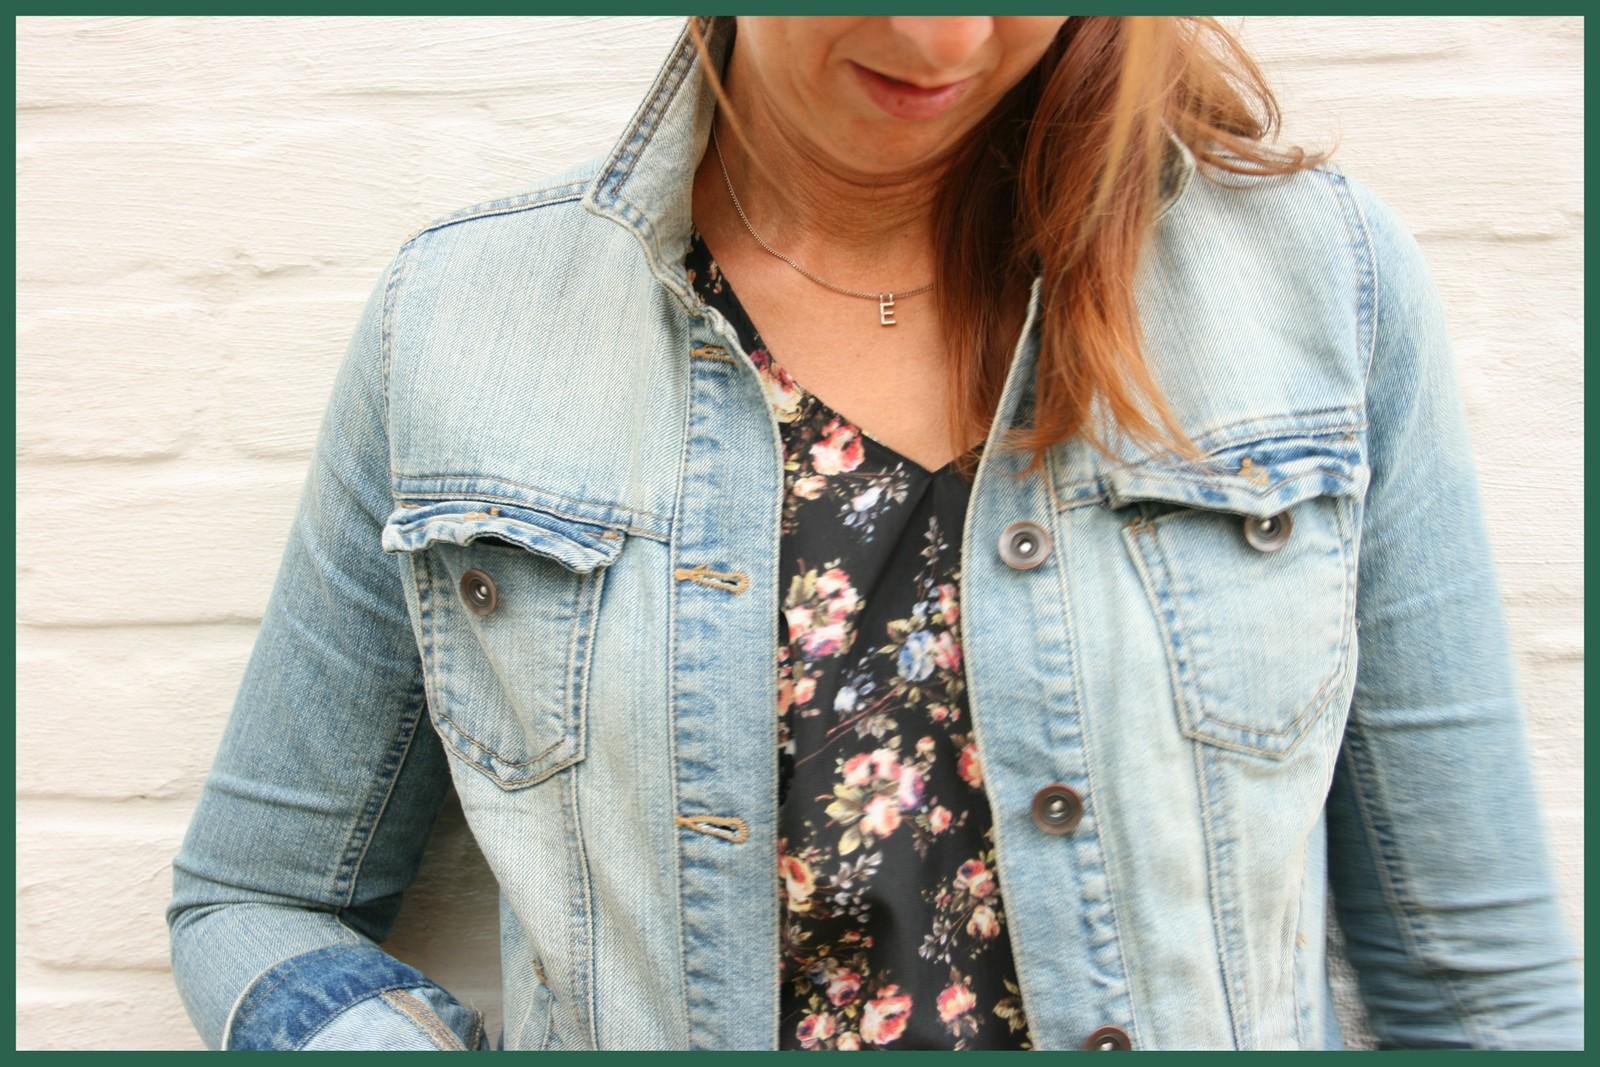 gig dress (+ jacket)